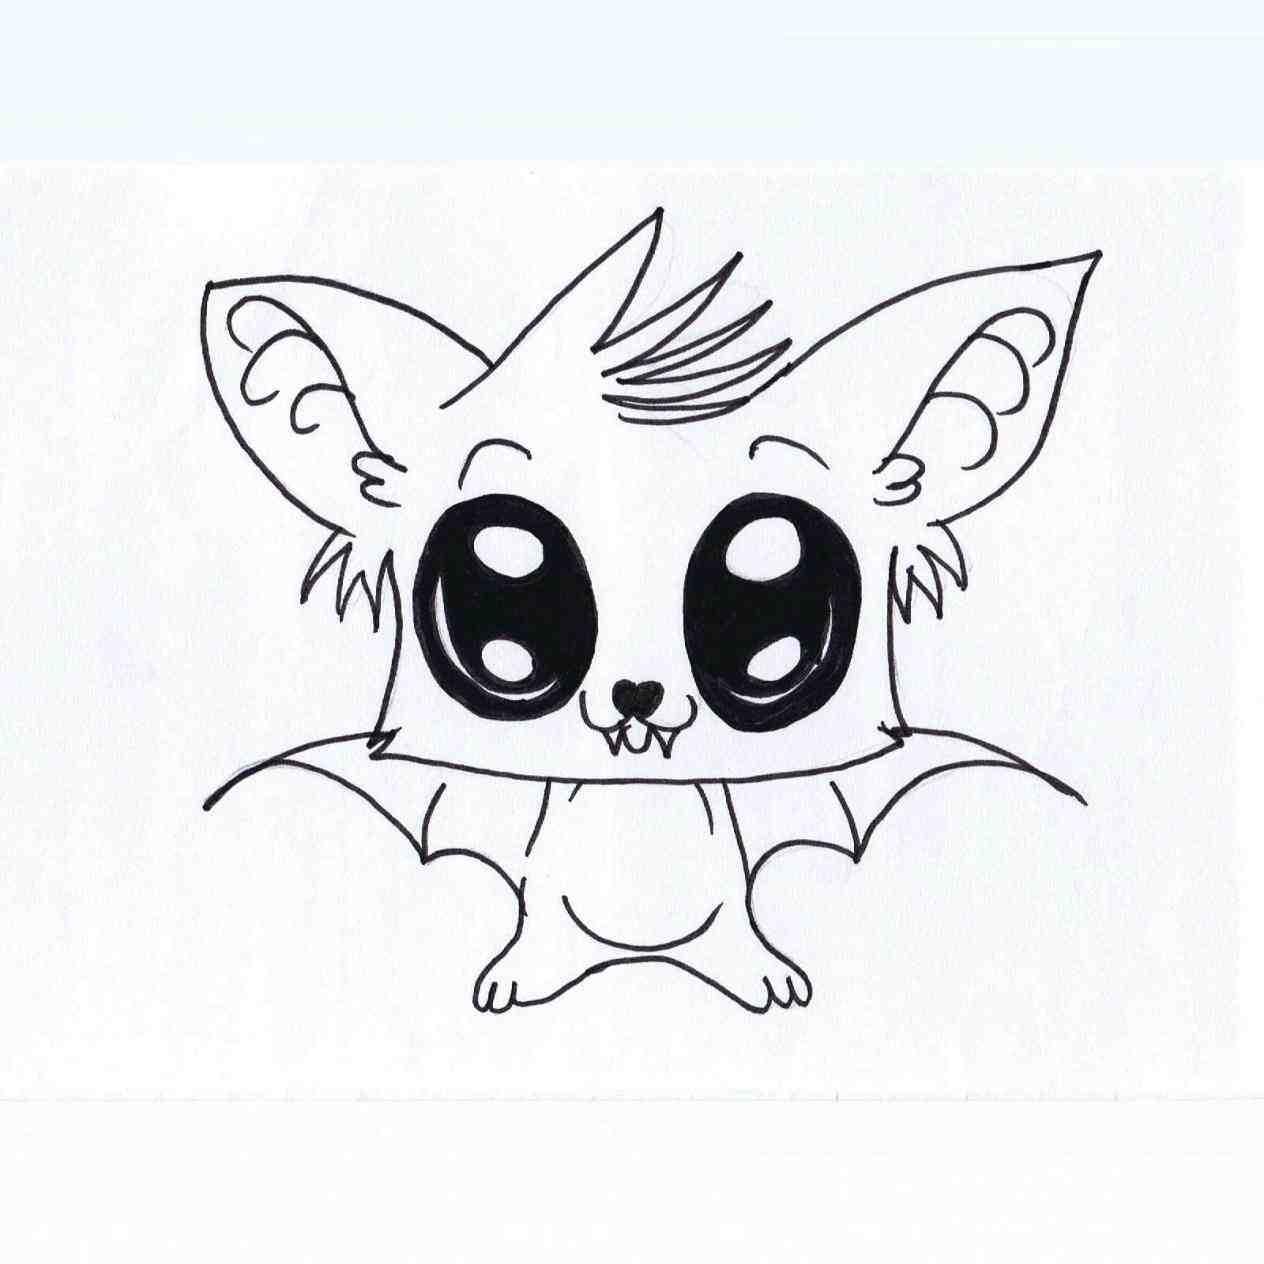 1264x1264 Cute Drawings Of Baby Pandas